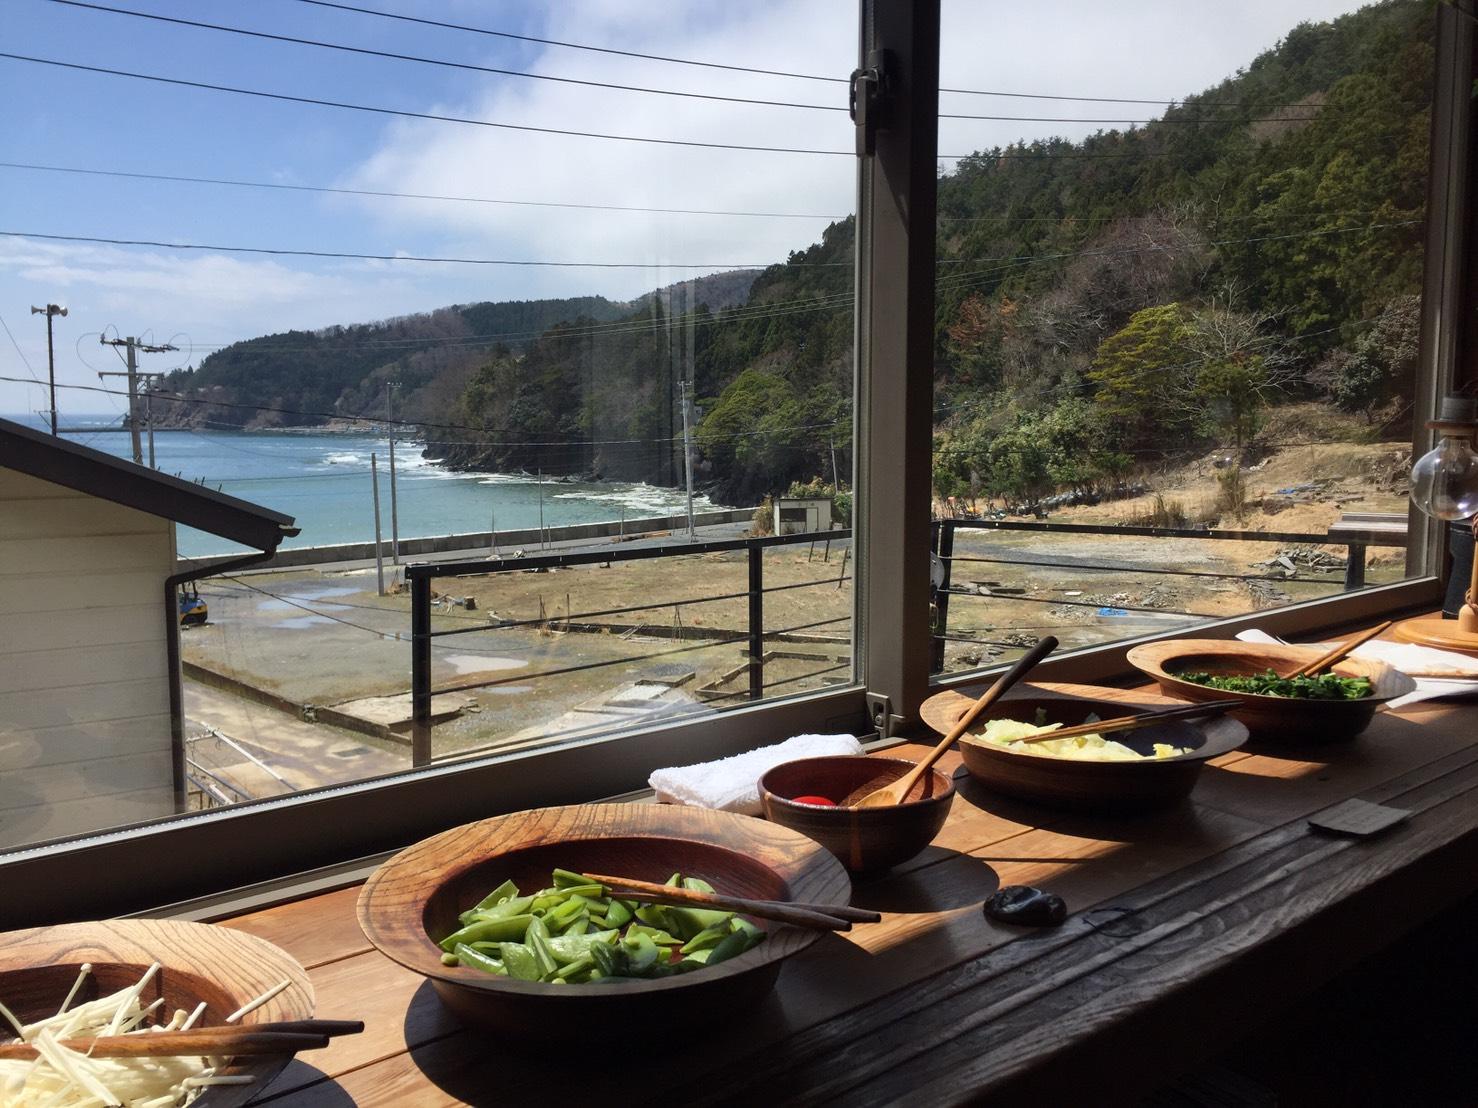 具材は、シラスや銀鮭、春キャベツや新玉ねぎ、スナップエンドウやつぼみ菜など、旬の食材をたっぷりと。ワークショップの始まる頃には、お天気も良くなり、海も綺麗に見ることができました^^